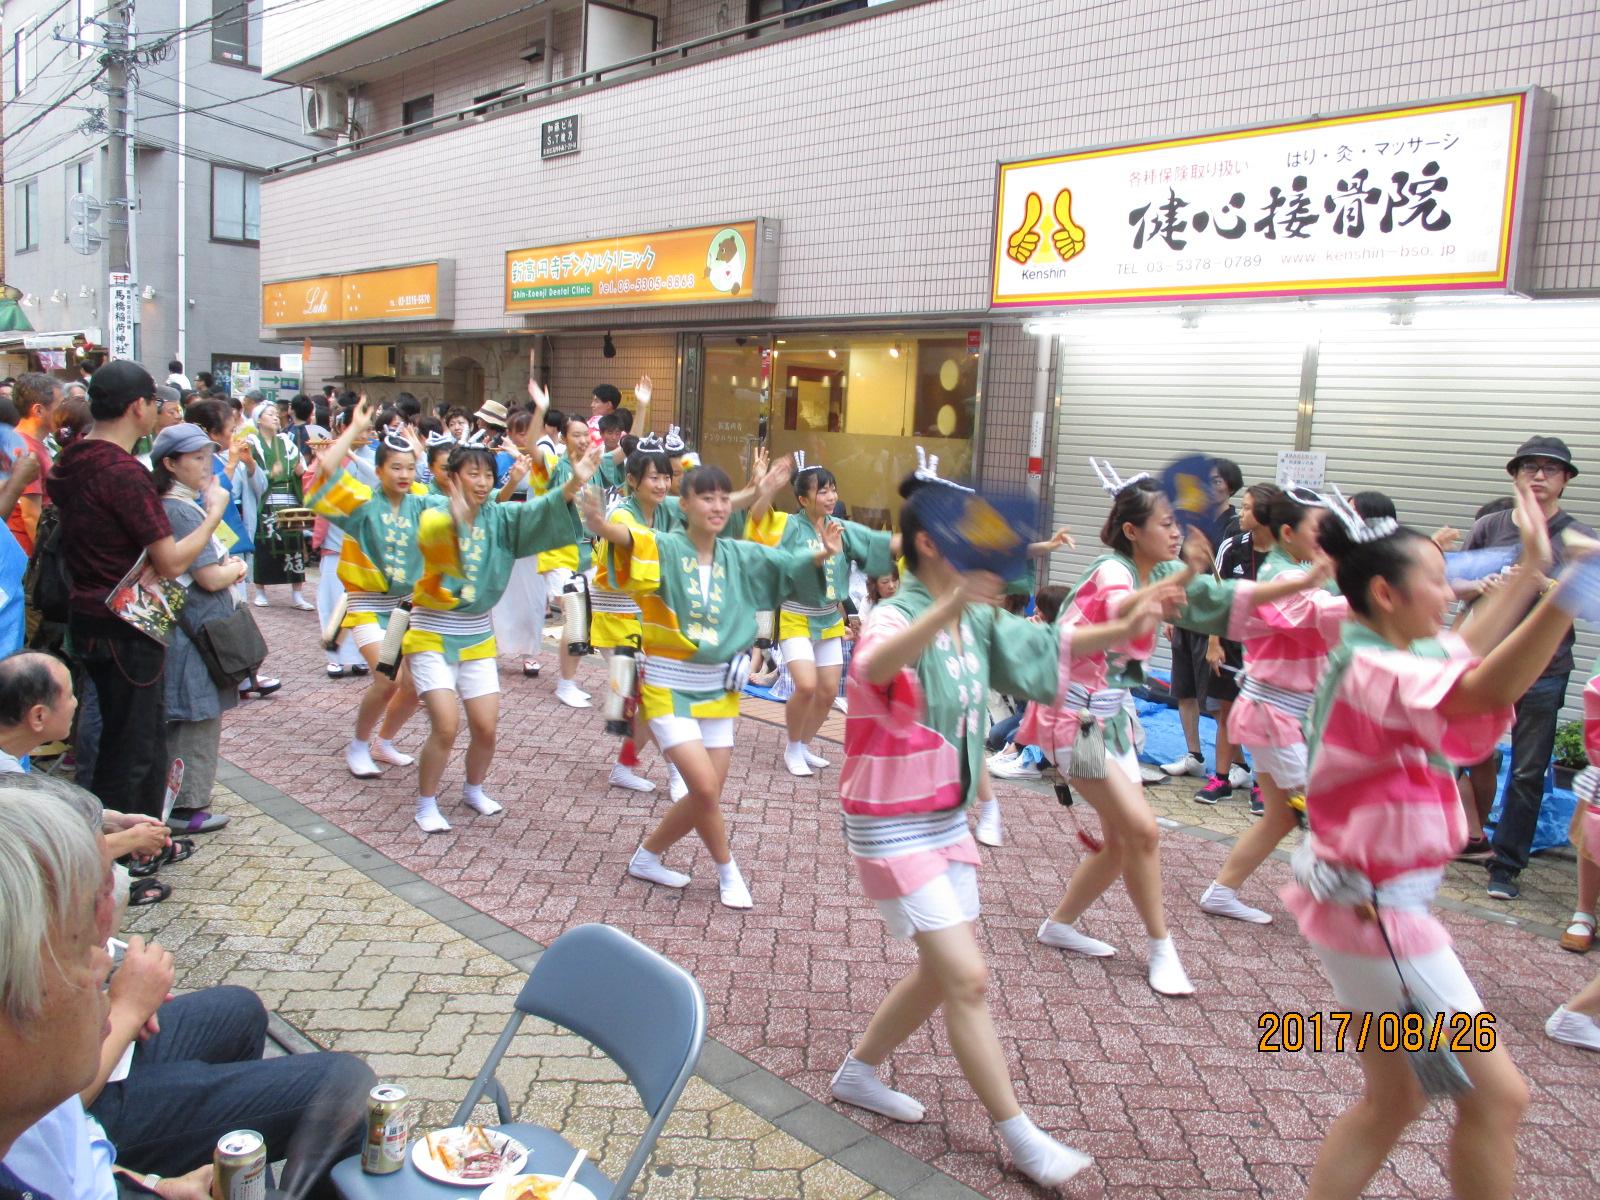 新高円寺駅ってどんな場所?